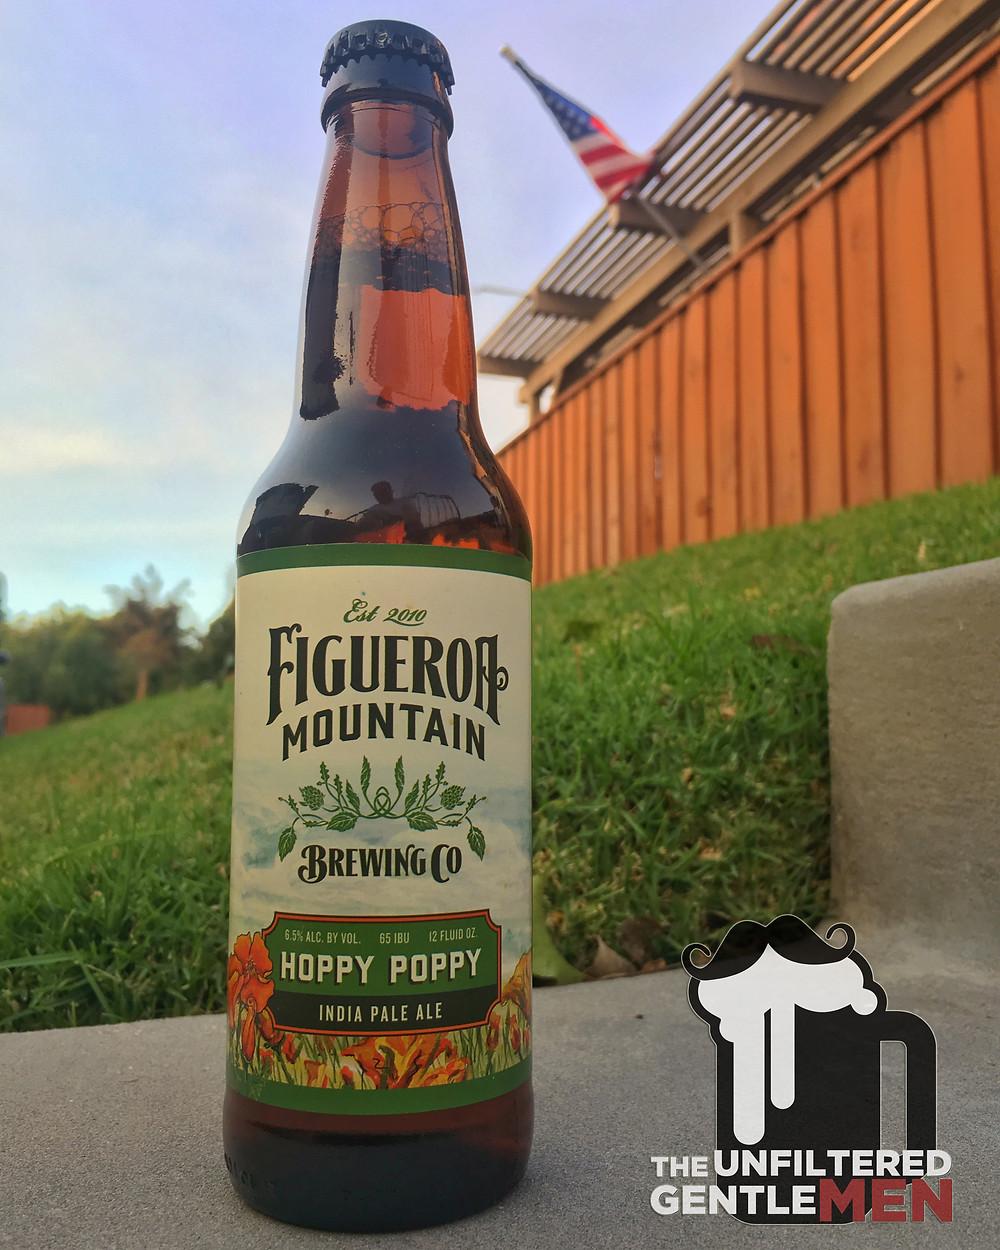 Figueroa Mountain's Hoppy Poppy IPA on Batch 65 of The Unfiltered Gentlemen